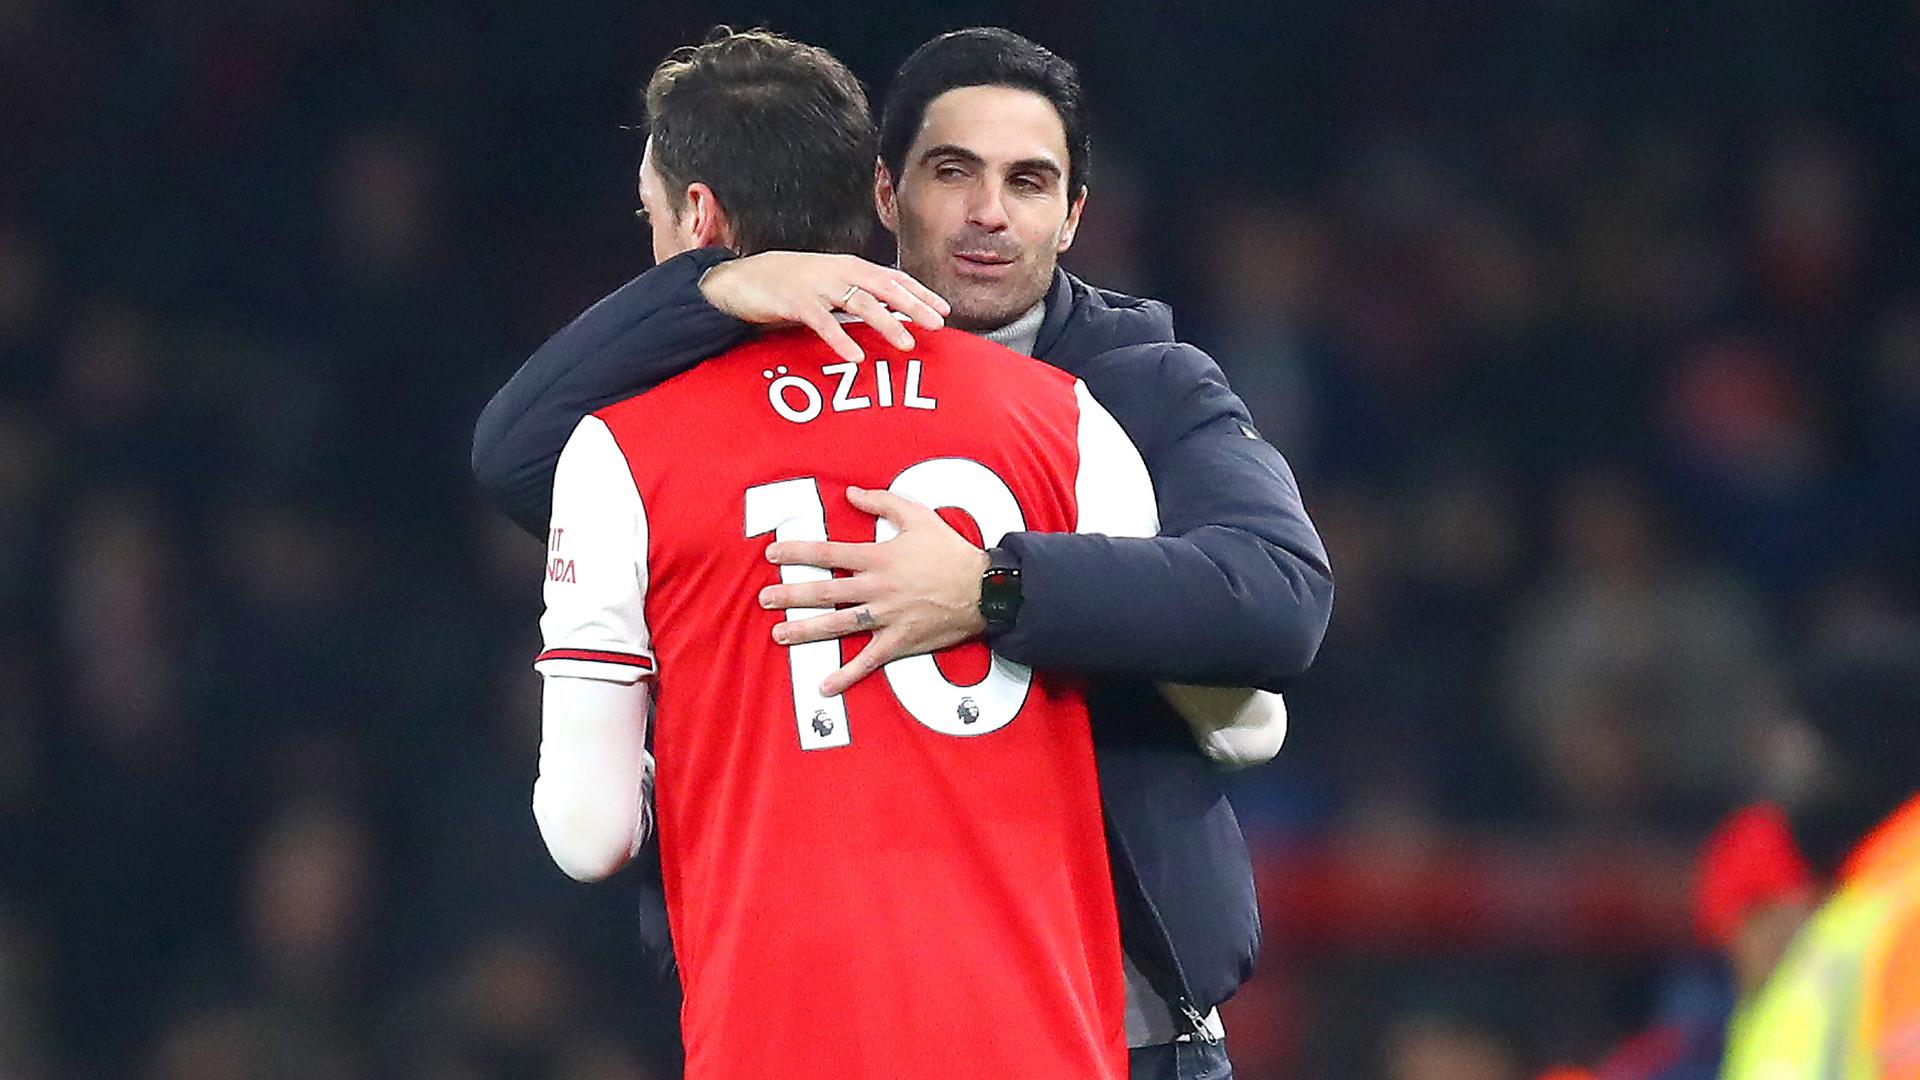 Arteta's 'conscience is calm' after leaving Ozil out of Premier League squad